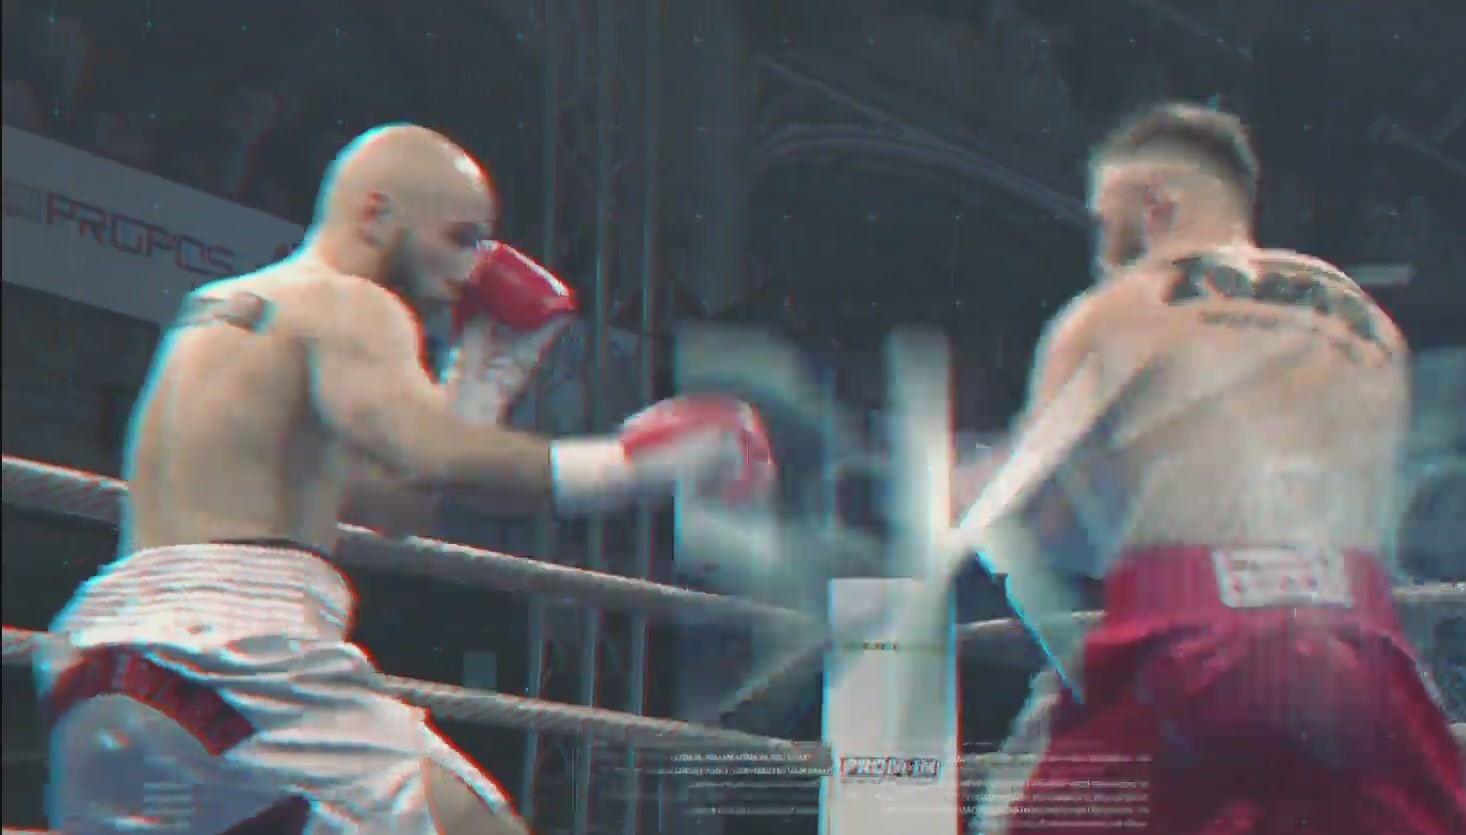 Chystáme pravidelné návštěvy do světa bojových sportů. Nový K.O. magazín od dubna na SPORT 5!